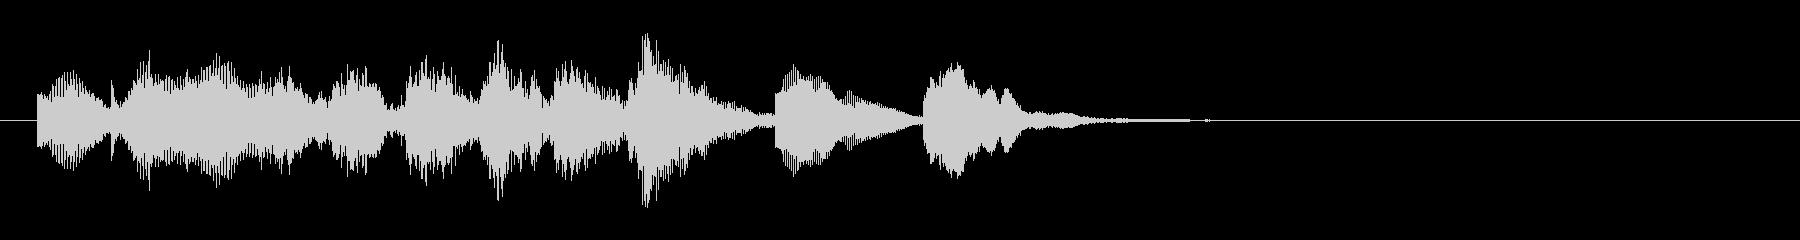 のほほんジングル002_かわいい-3の未再生の波形